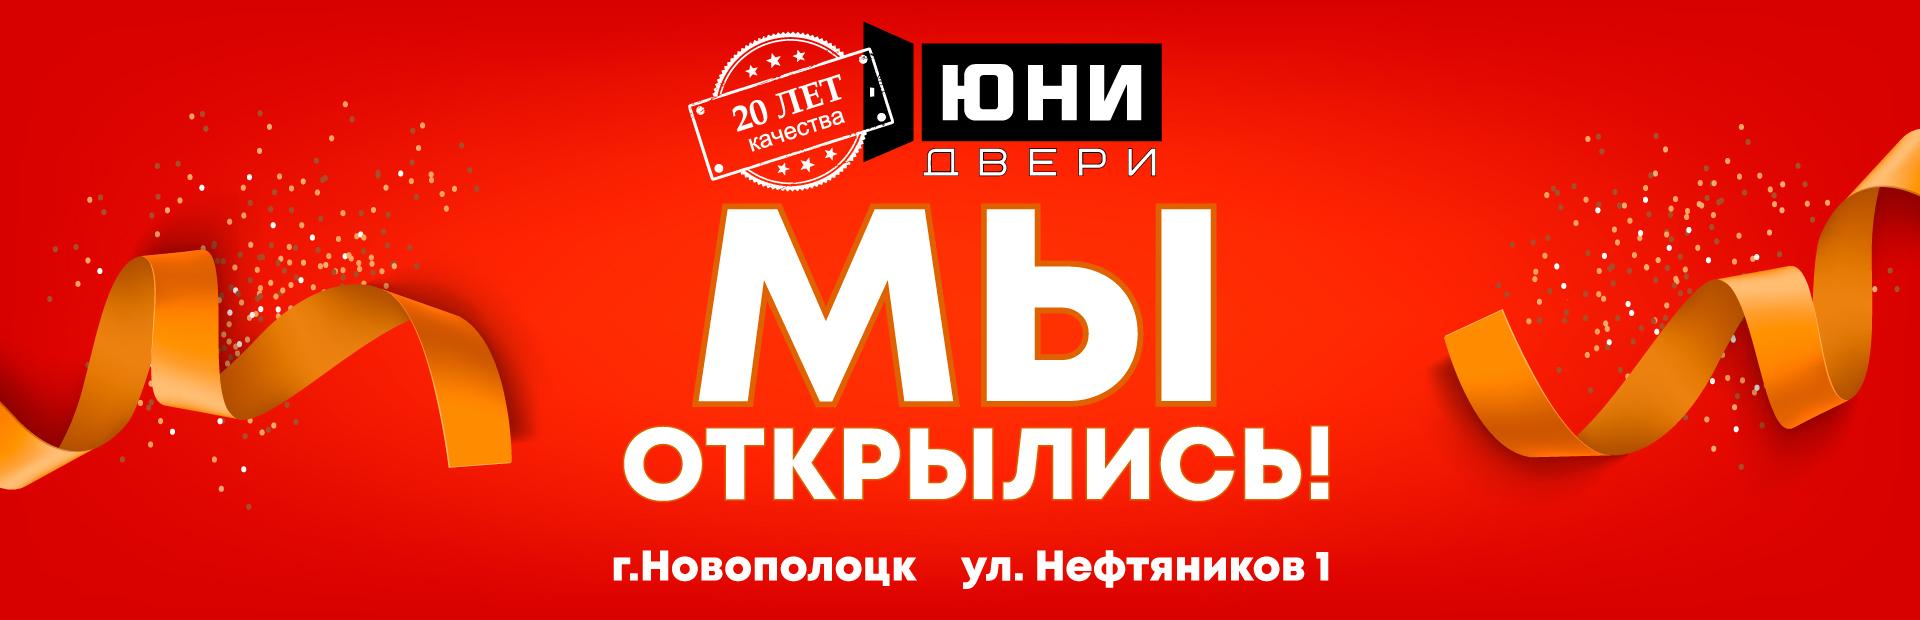 Открытие магазина в Новополоце